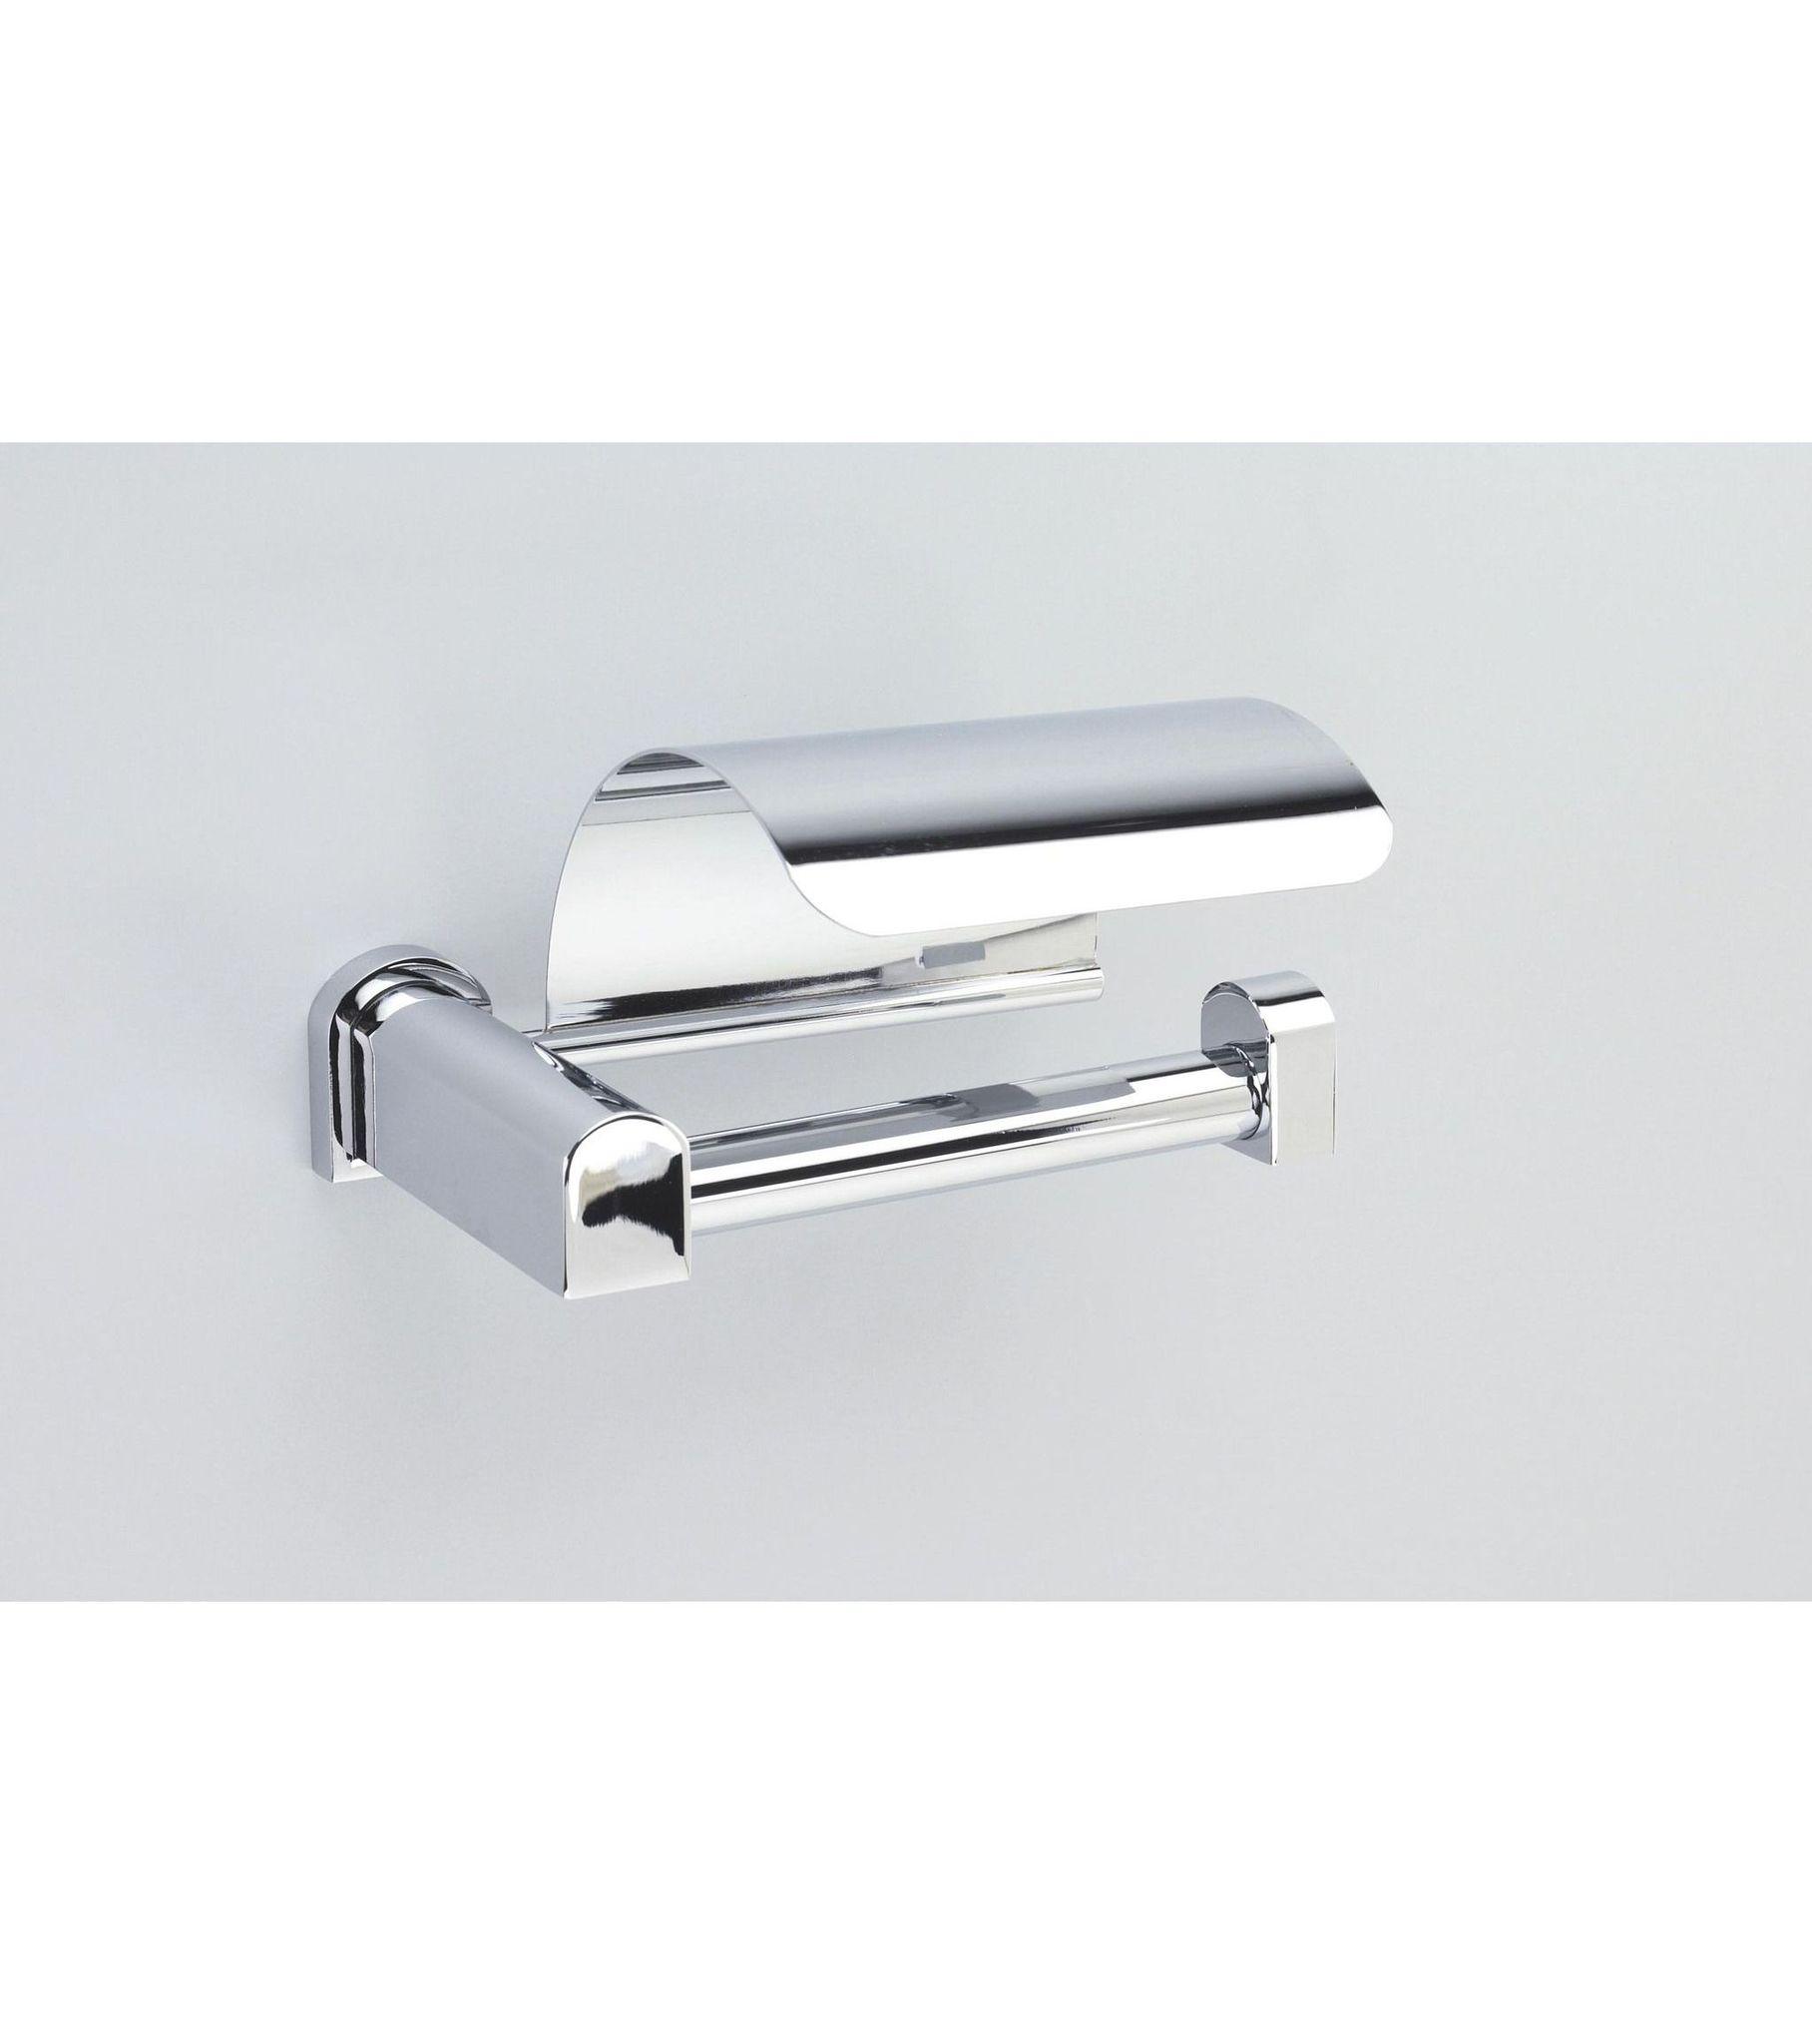 Держатель туалетной бумаги с крышкой 85151CR Bellaterra от Windisch